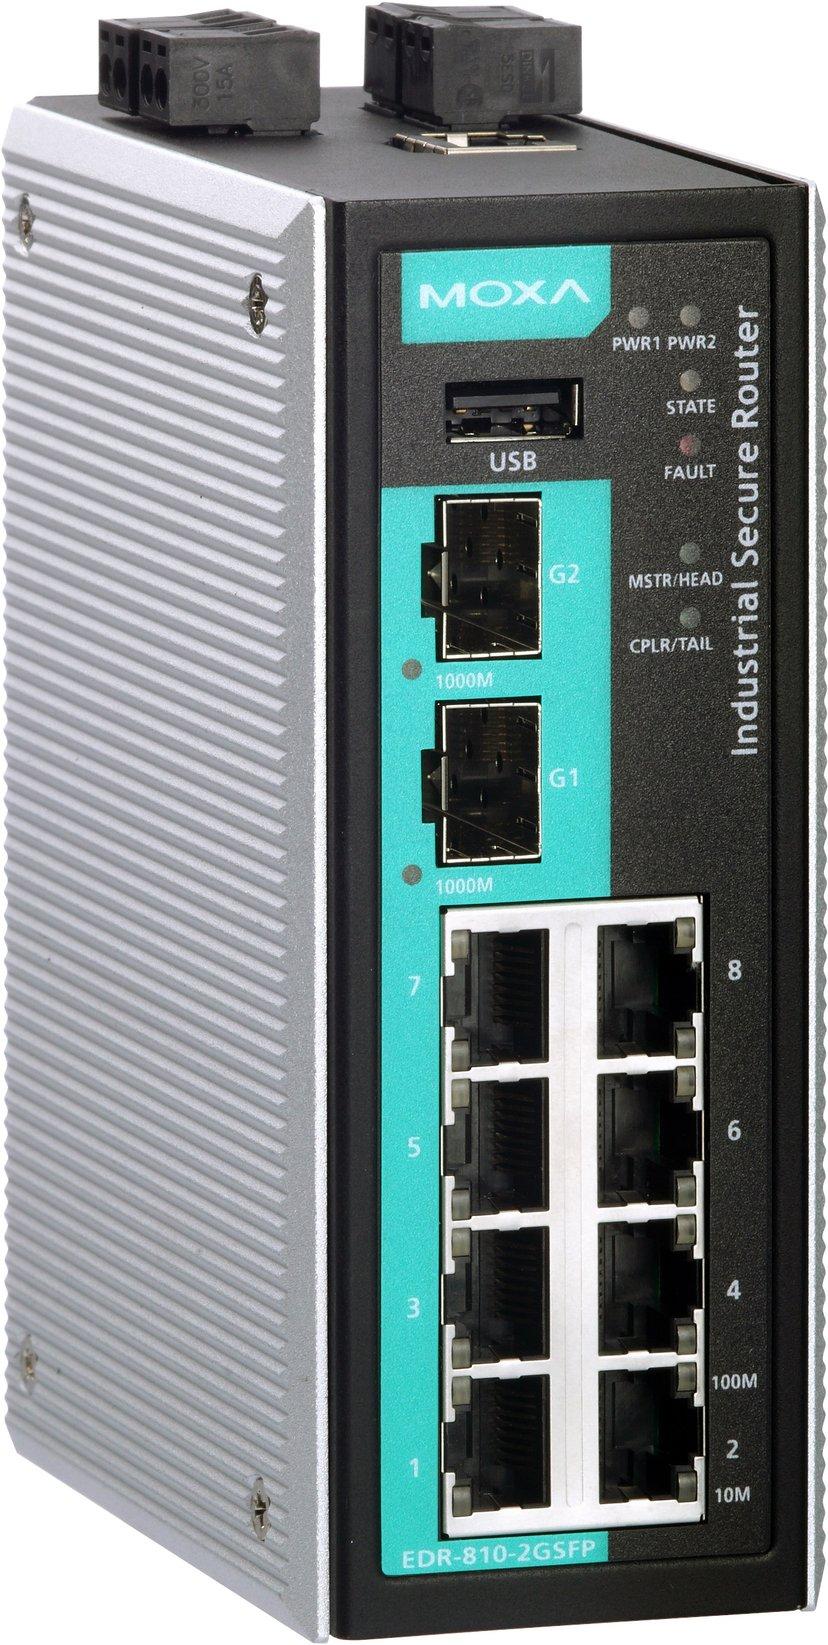 Moxa EDR-810-2GSFP Industriel firewall